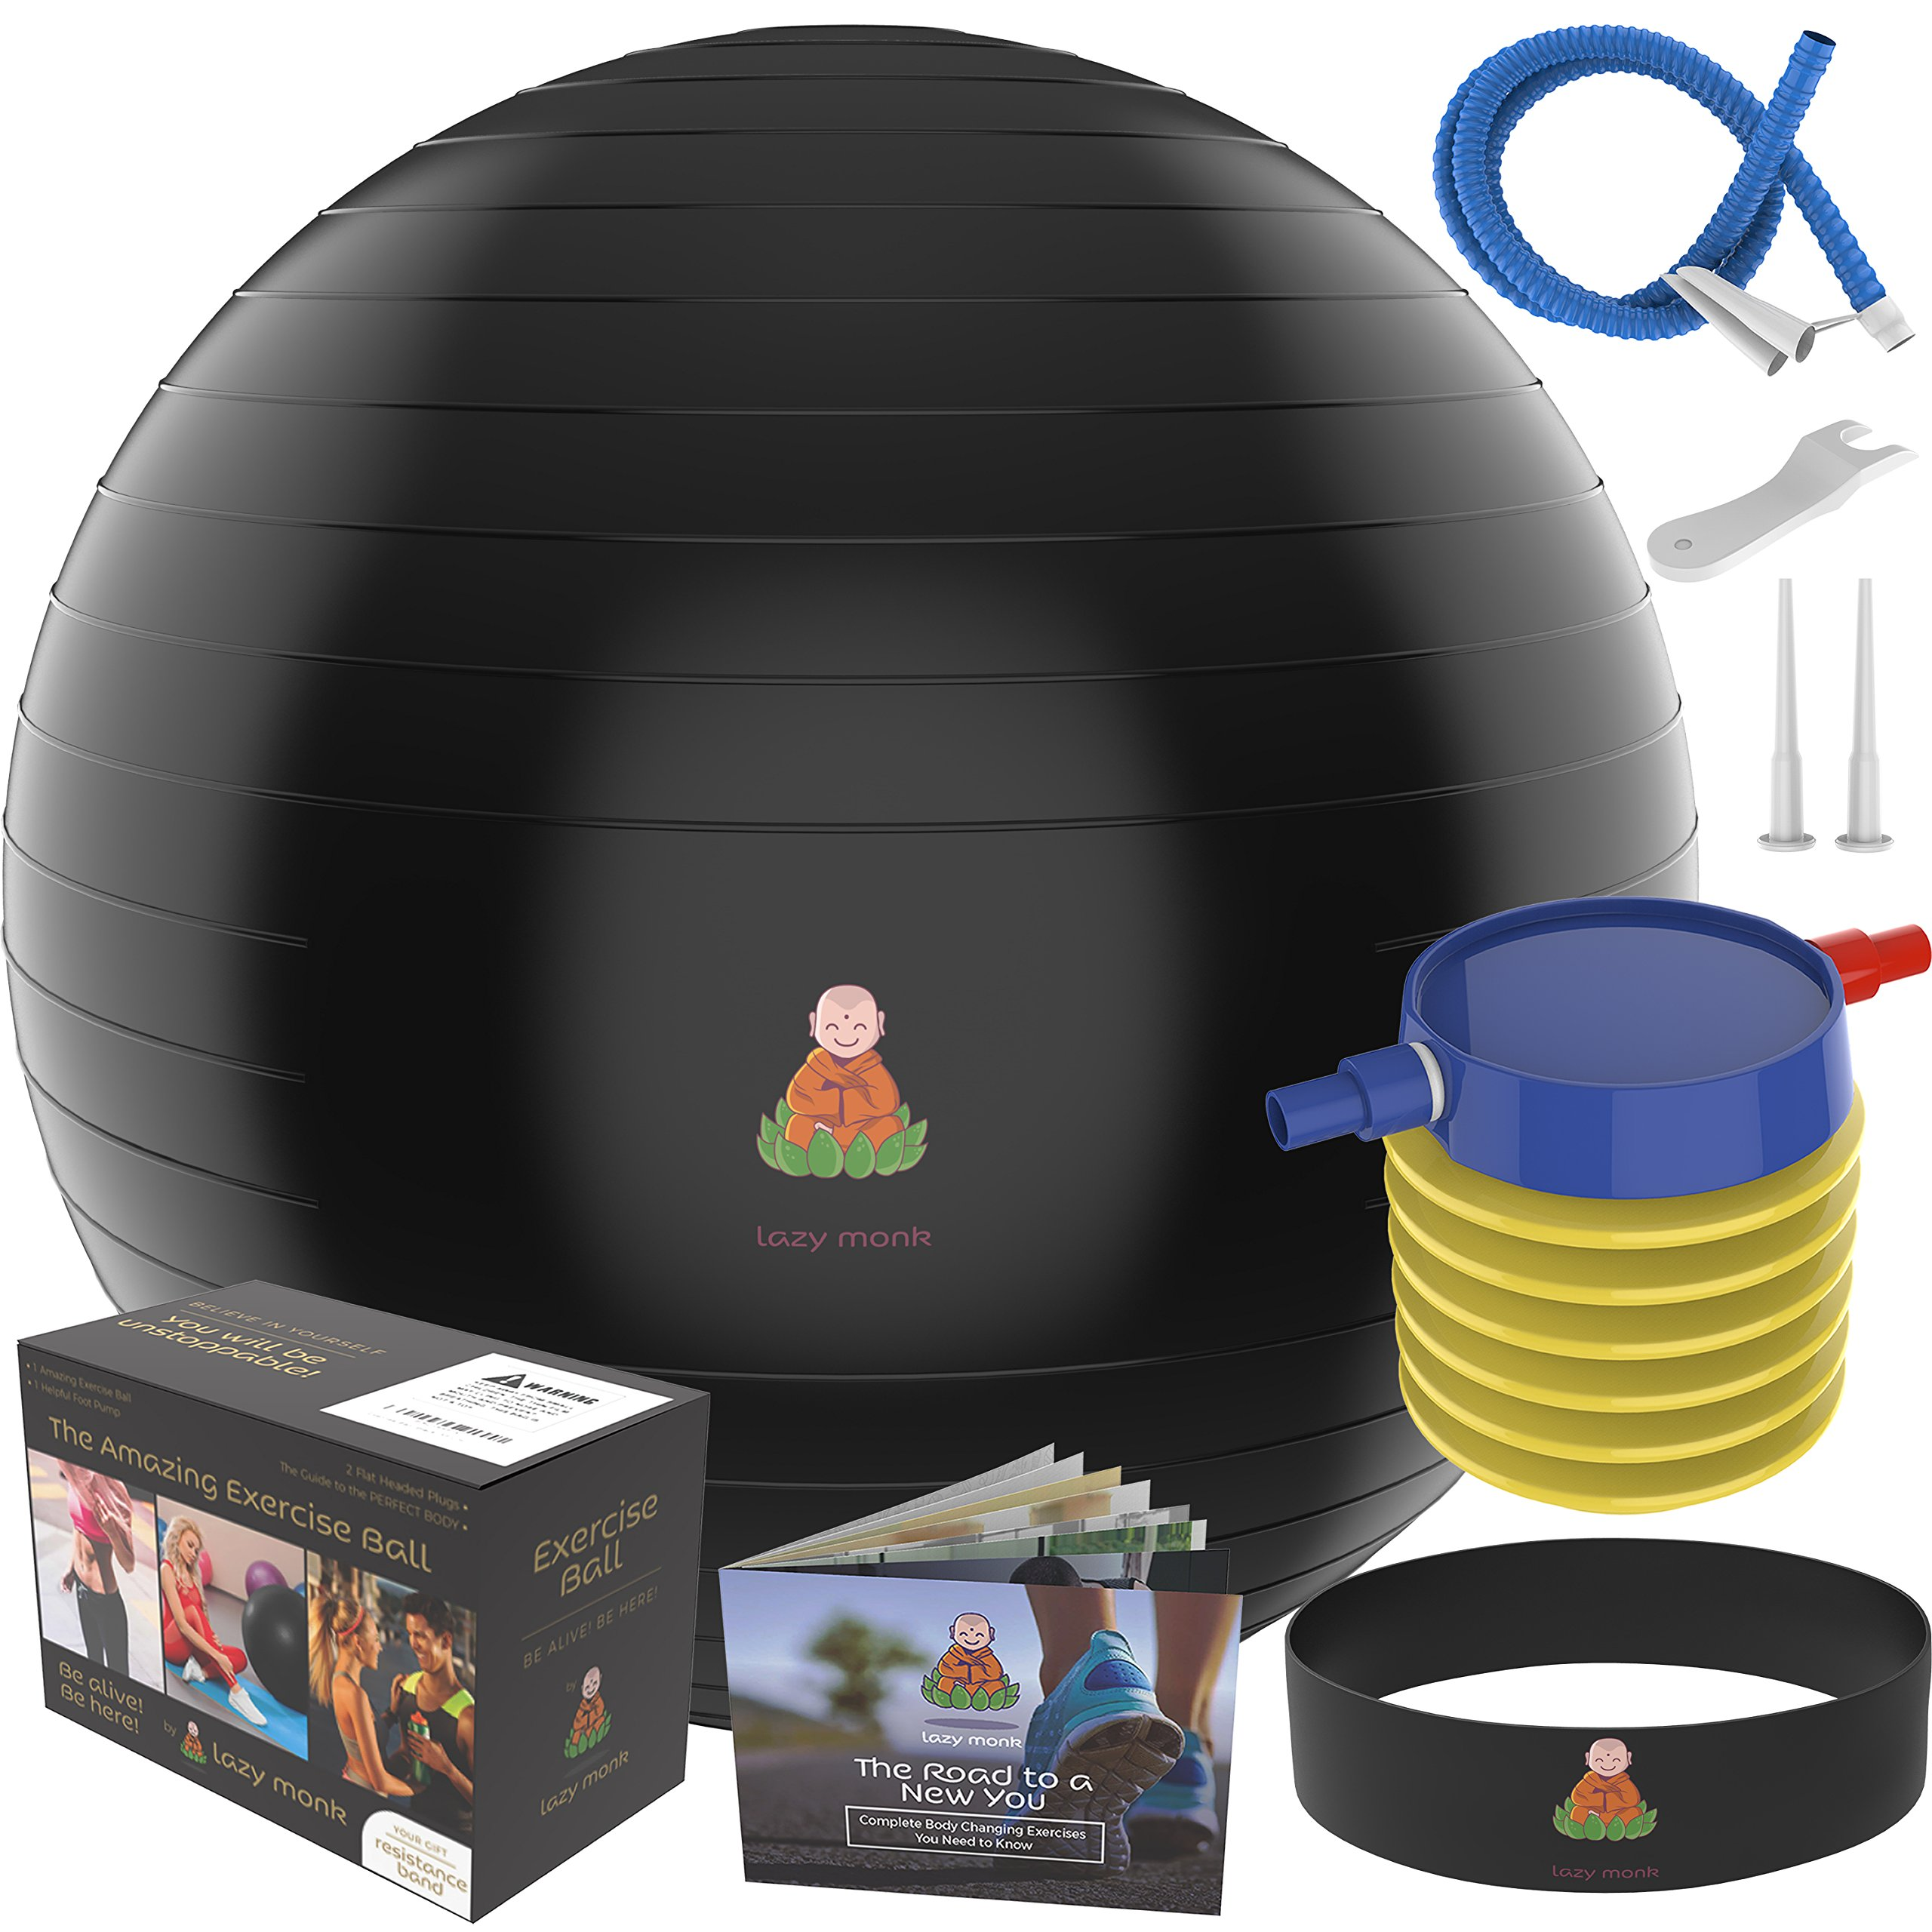 Balance Ball Repair Kit: Amazon.com: Hair Trimmer, ETTG Electric Shaver Kit For Men